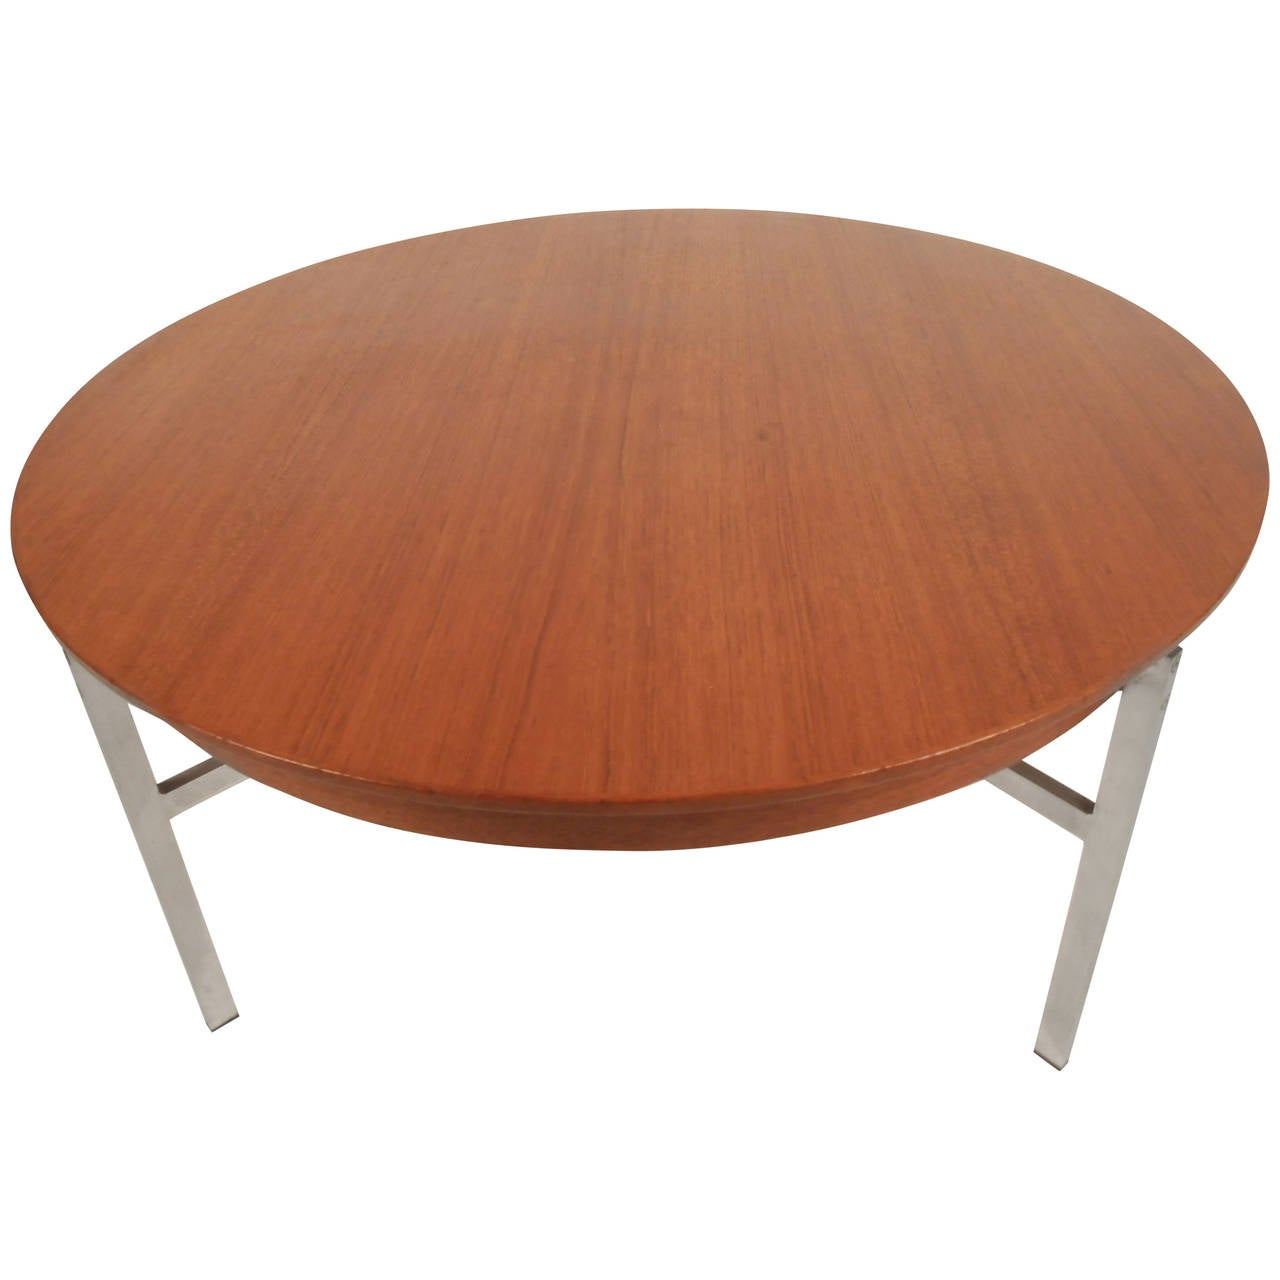 Mid-Century Modern Teak and Steel Coffee Table